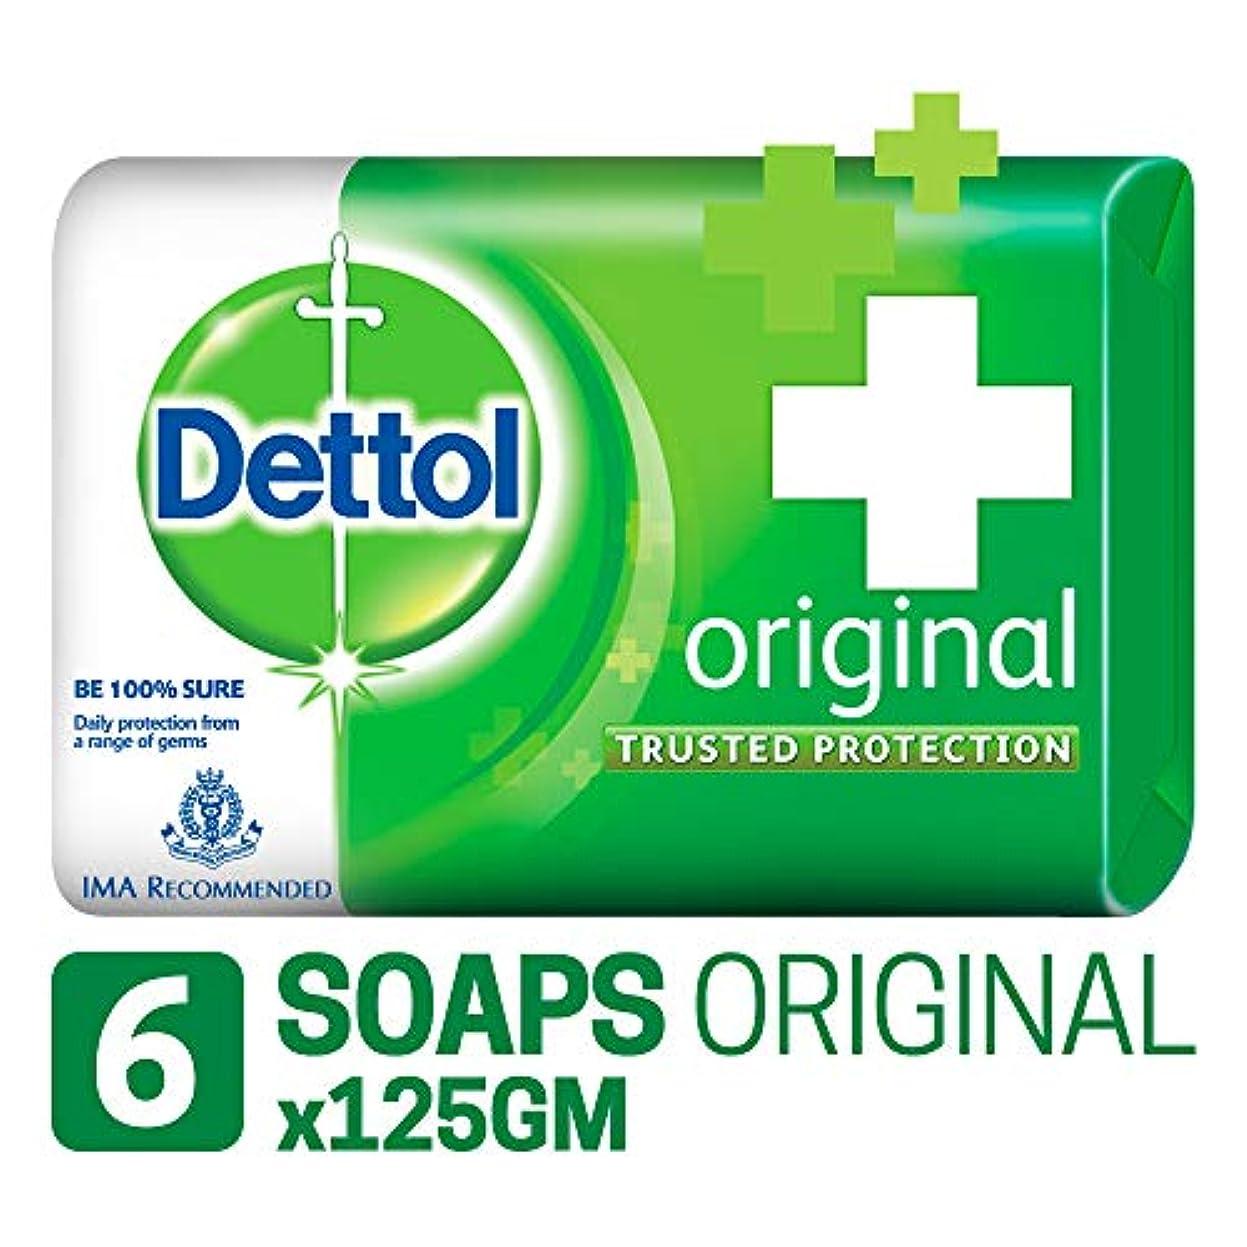 爆発するもし歩行者Dettol Original Soap, 125g (Pack Of 6) SHIP FROM INDIA